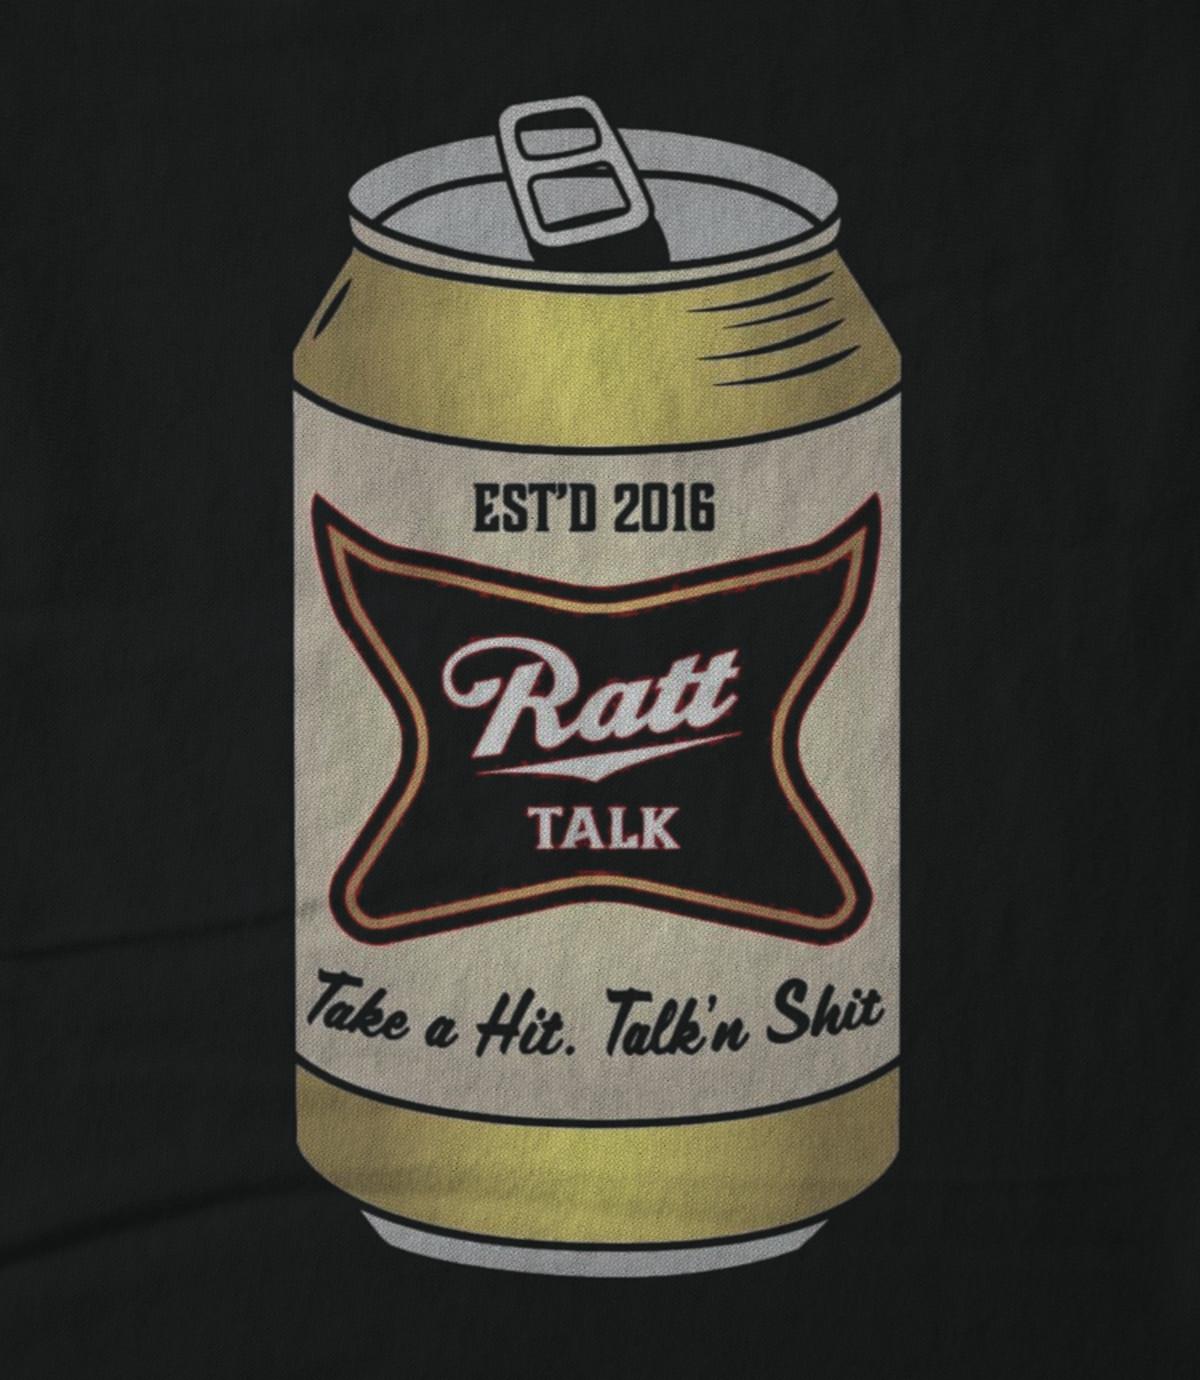 Ratt talk take a hit talk shit 1537538618